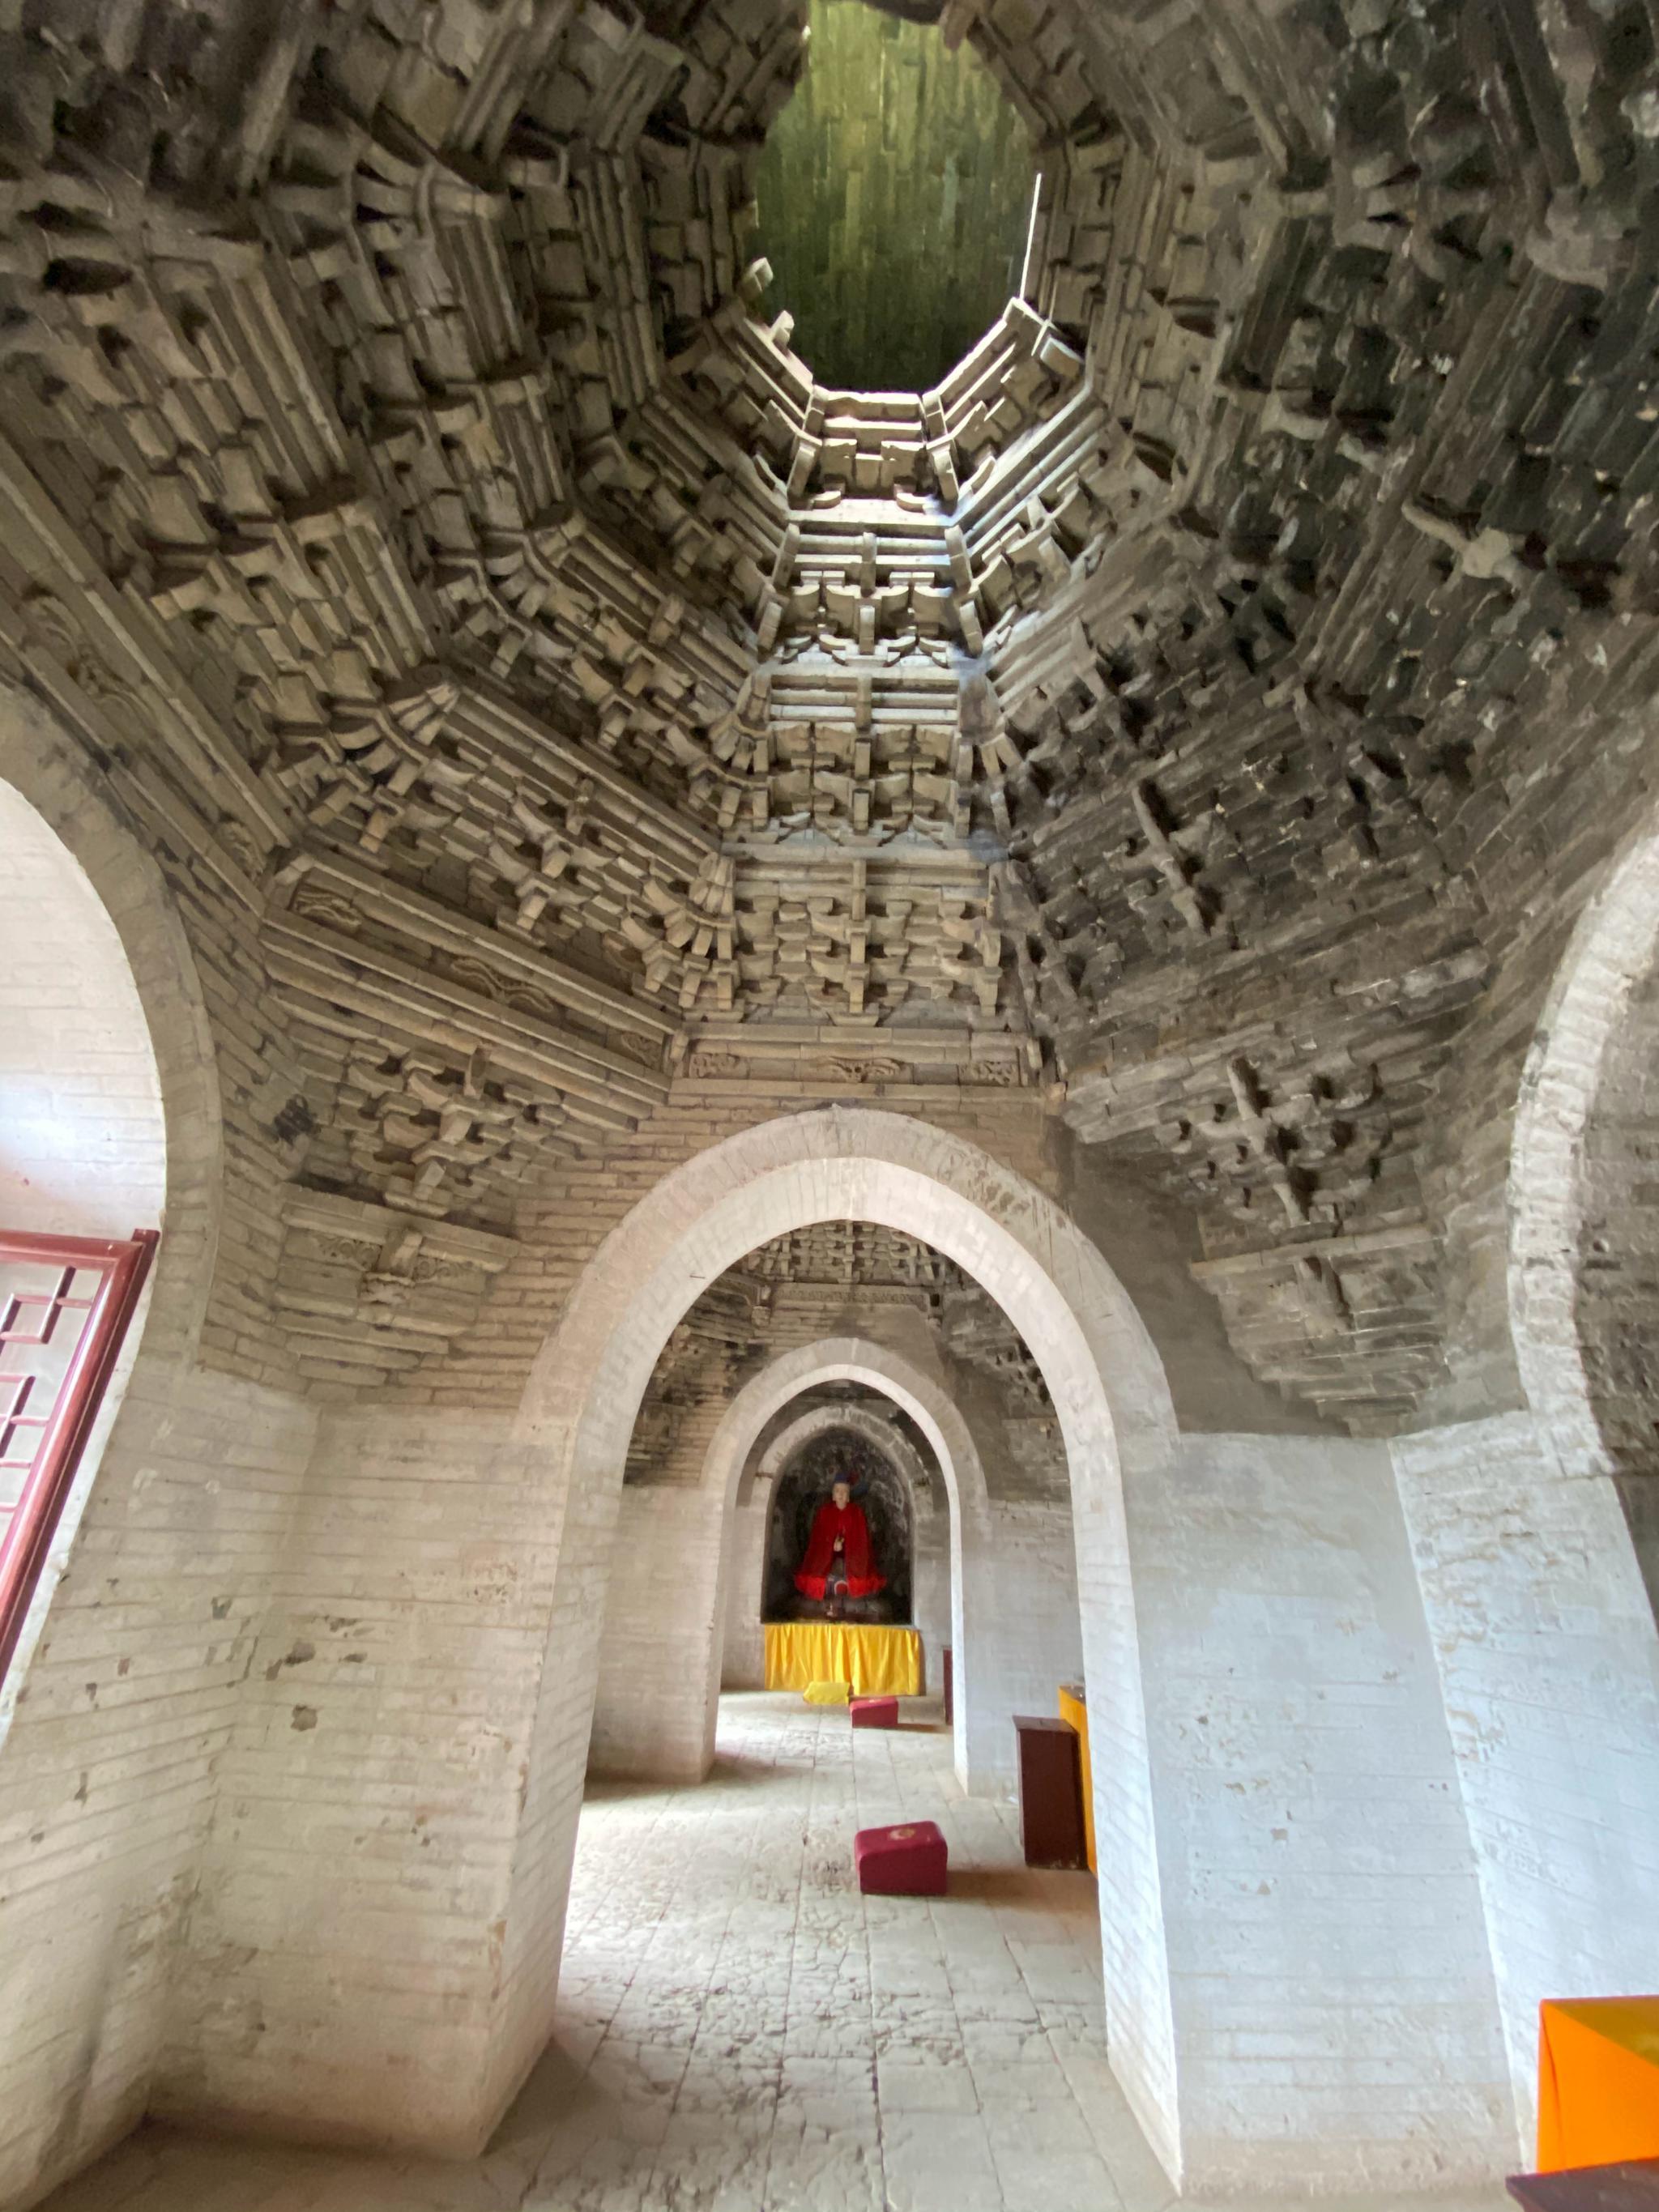 山西万固寺的明代无梁殿,全部用砖砌成的两层楼阁式建筑